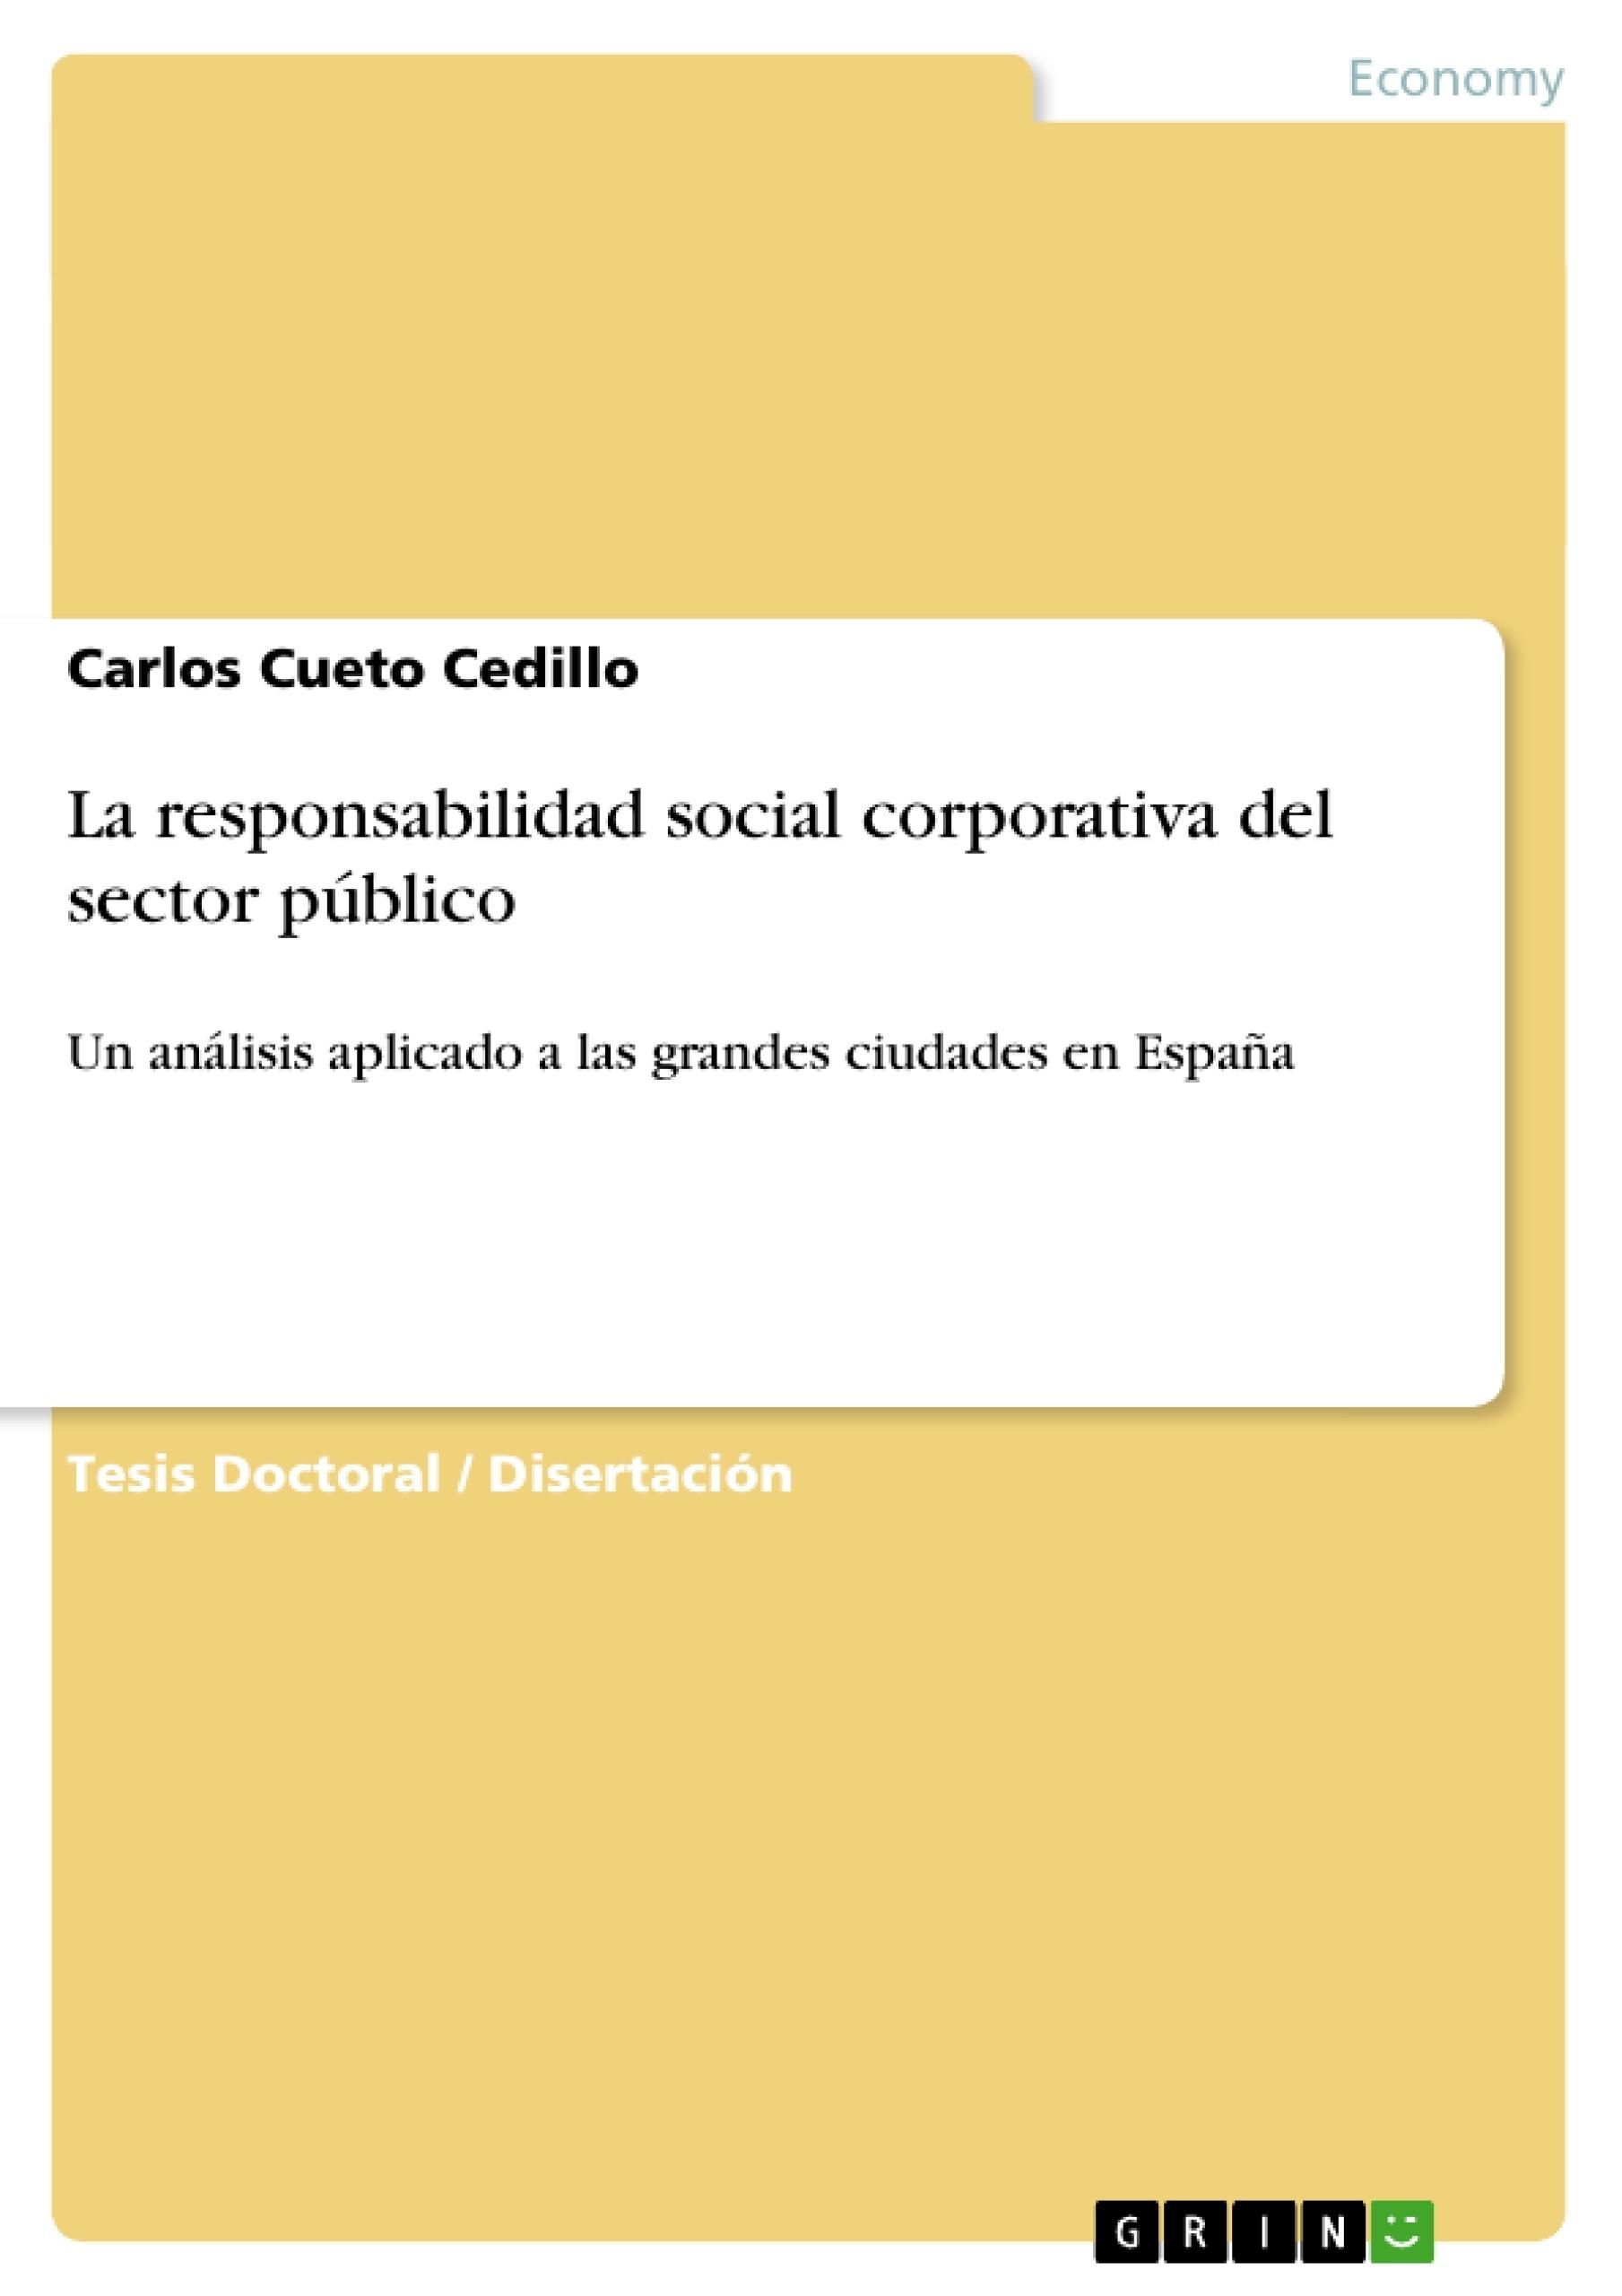 Título: La responsabilidad social corporativa del sector público